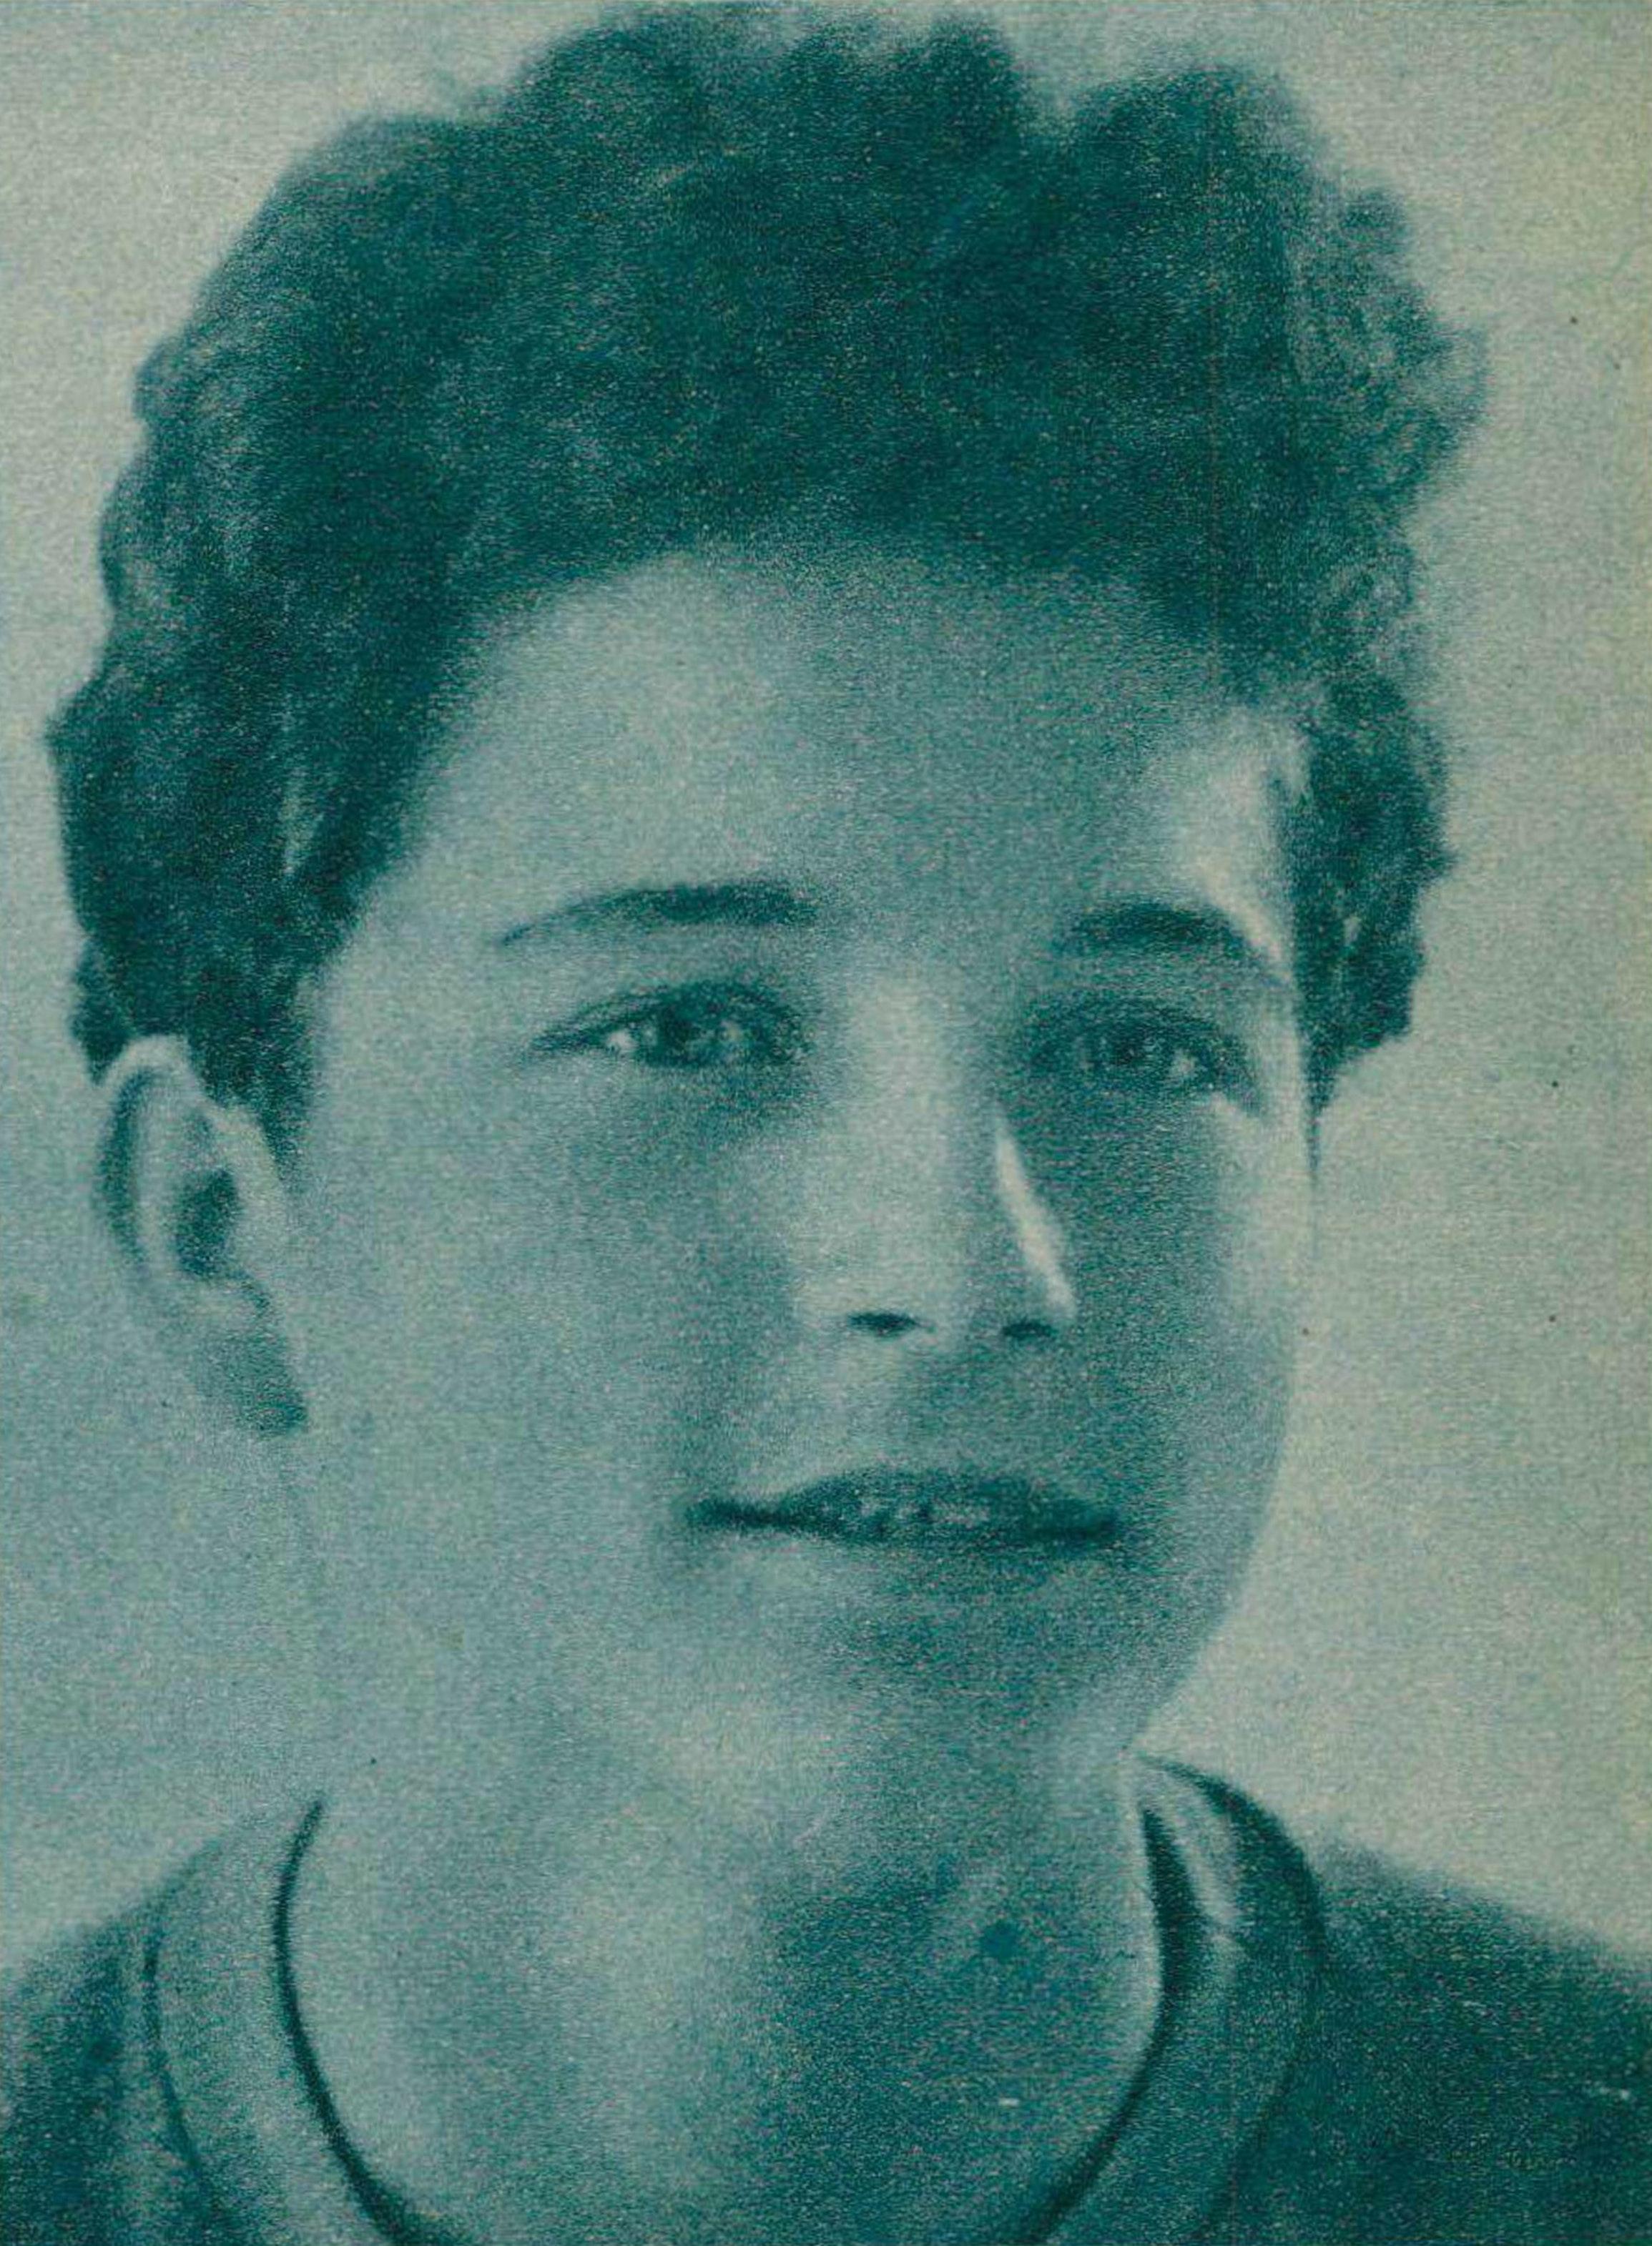 Aurèle NICOLET âgé de 16 ans, une photo publiée dans la revue Radio Actualités du 9 juillet 1943, No 28 en page 873, cliquer pour une vue agrandie